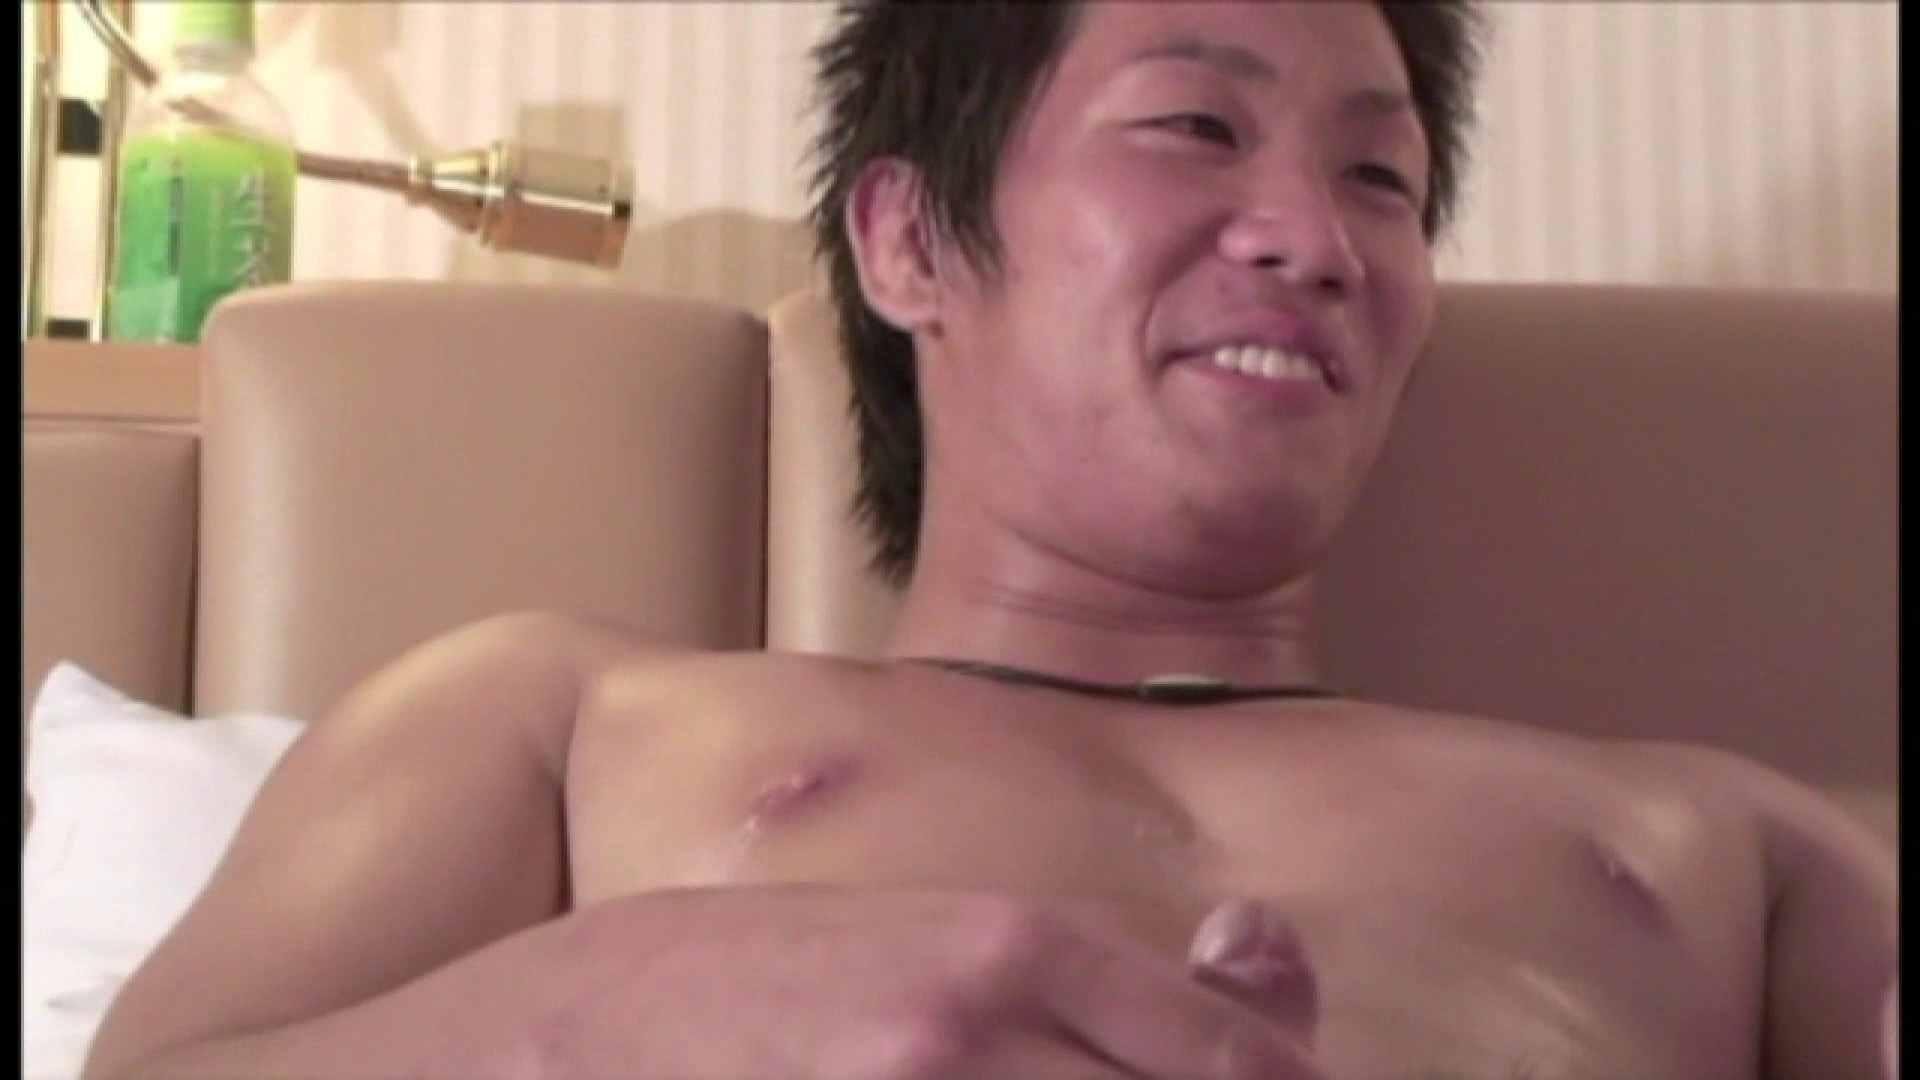 ノンケイケメンの欲望と肉棒 Vol.25 エロ  90pic 31